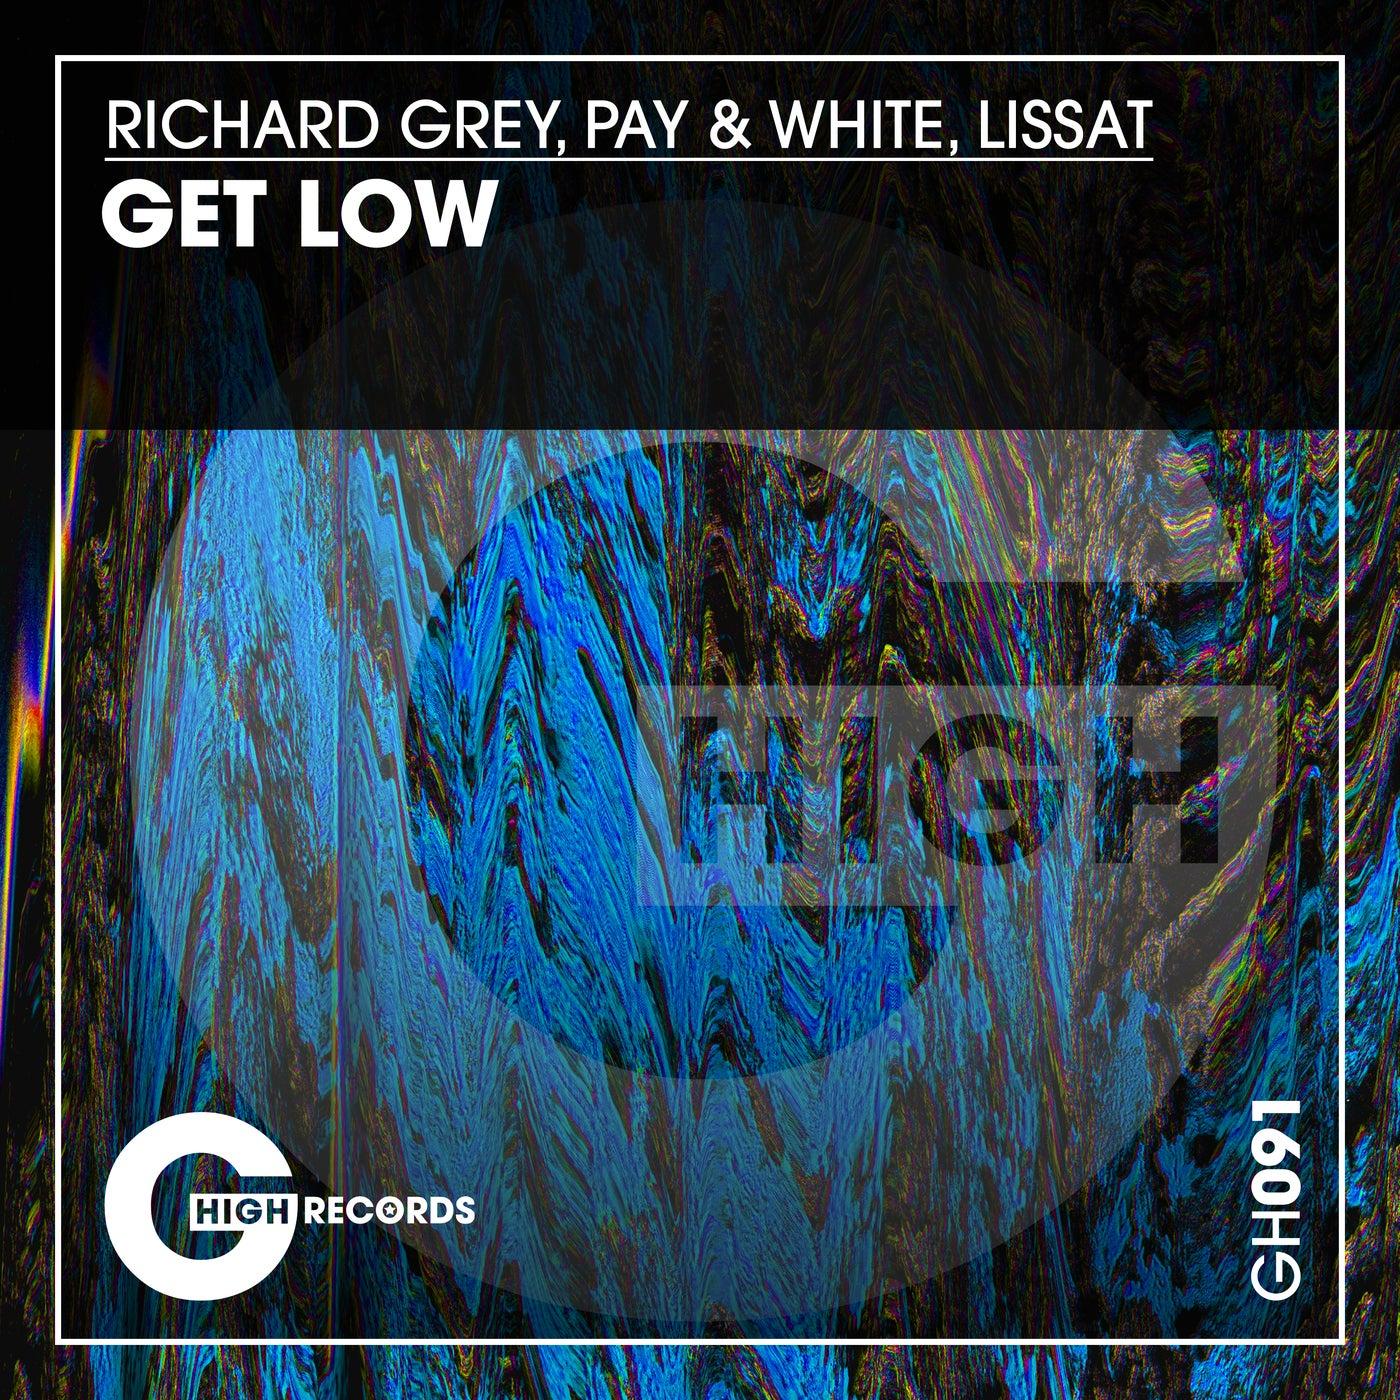 Get Low (Original Mix)